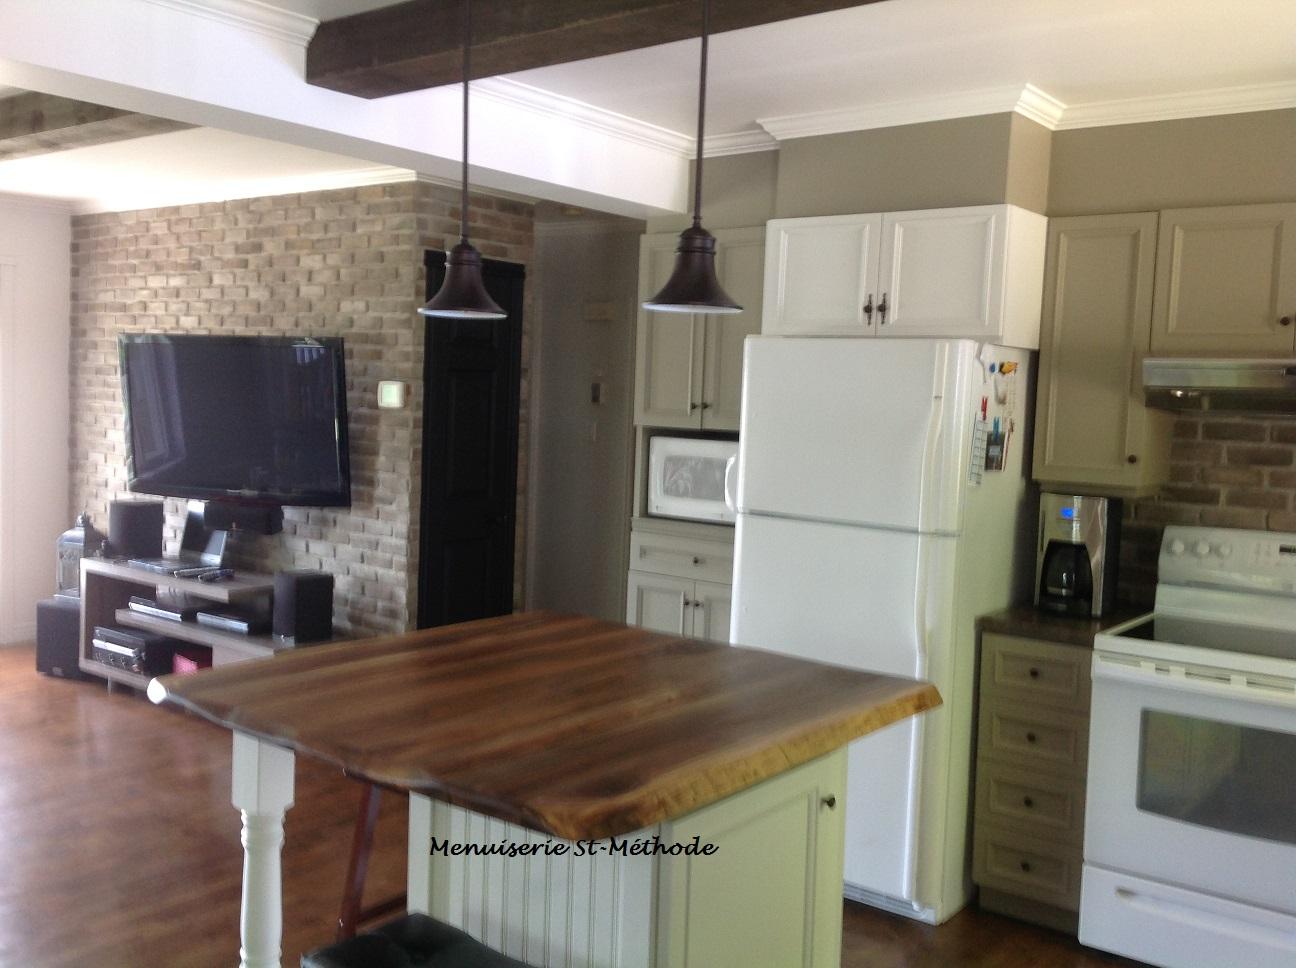 menuiserie st m thode comptoir d 39 lot de cuisine en noyer. Black Bedroom Furniture Sets. Home Design Ideas